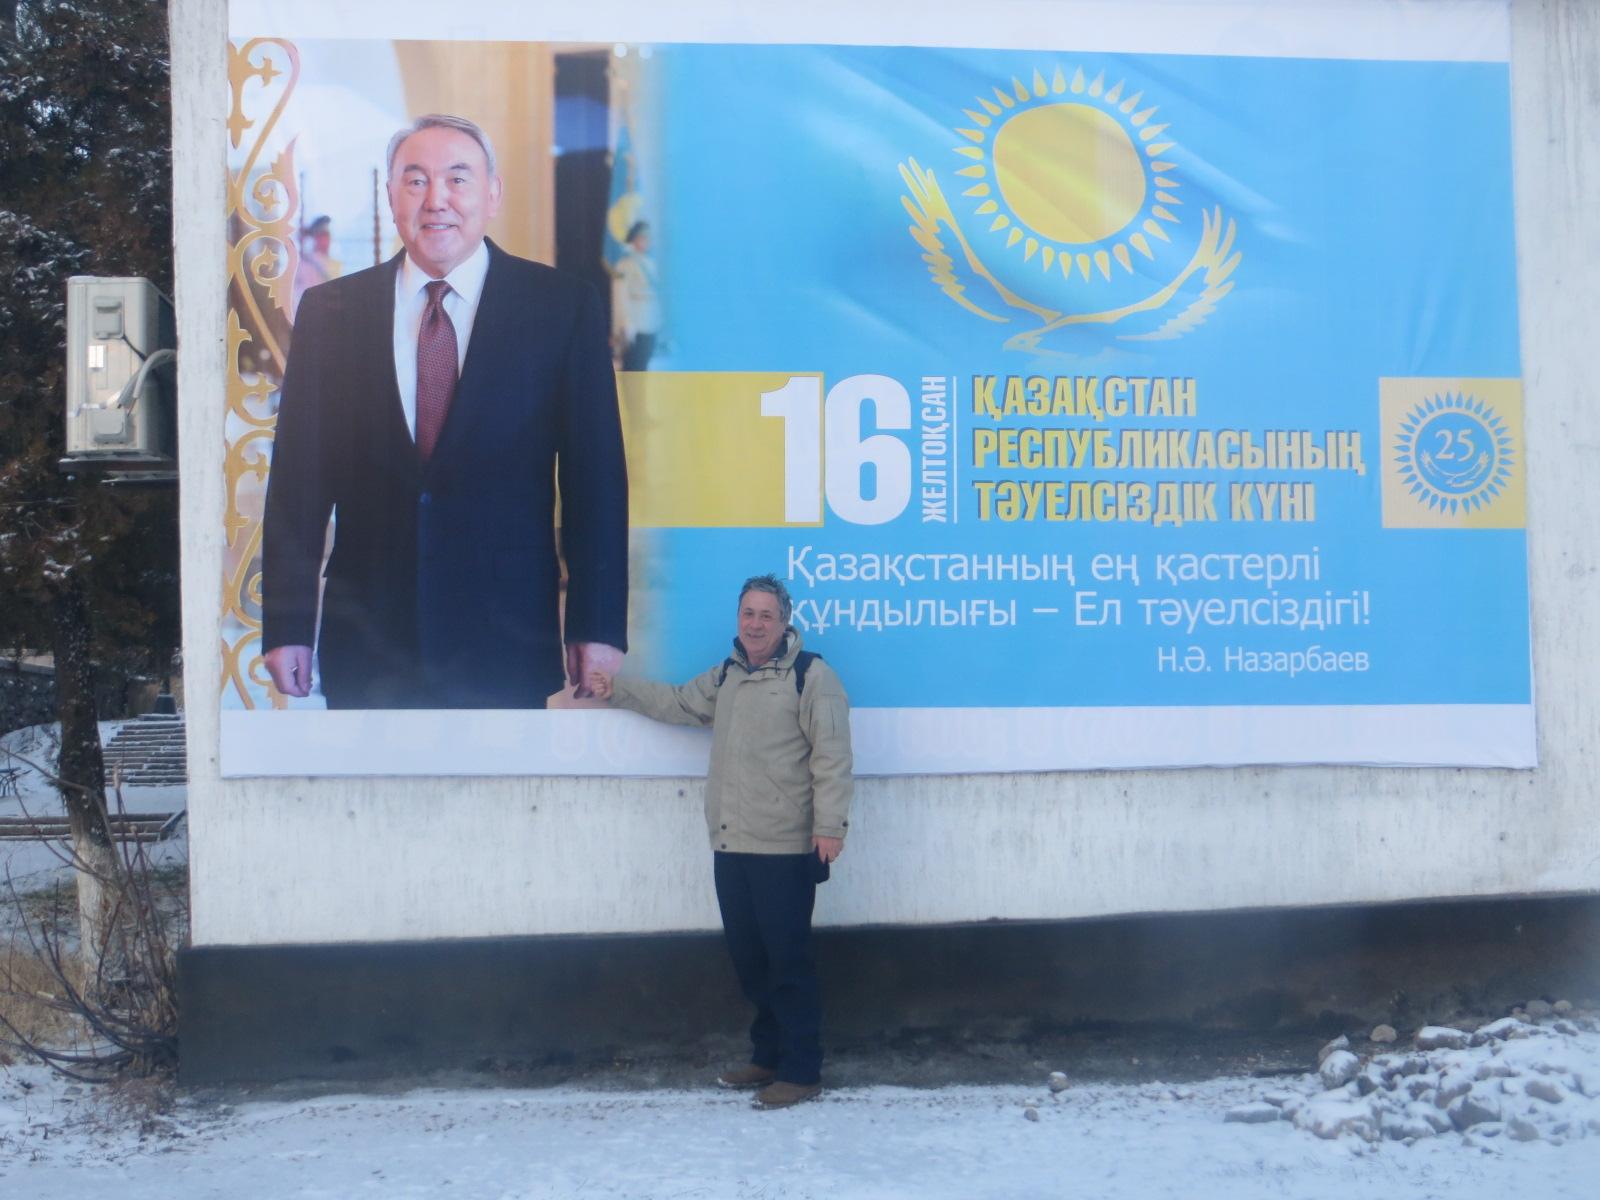 Besplatno stranica za upoznavanje kazakhstan